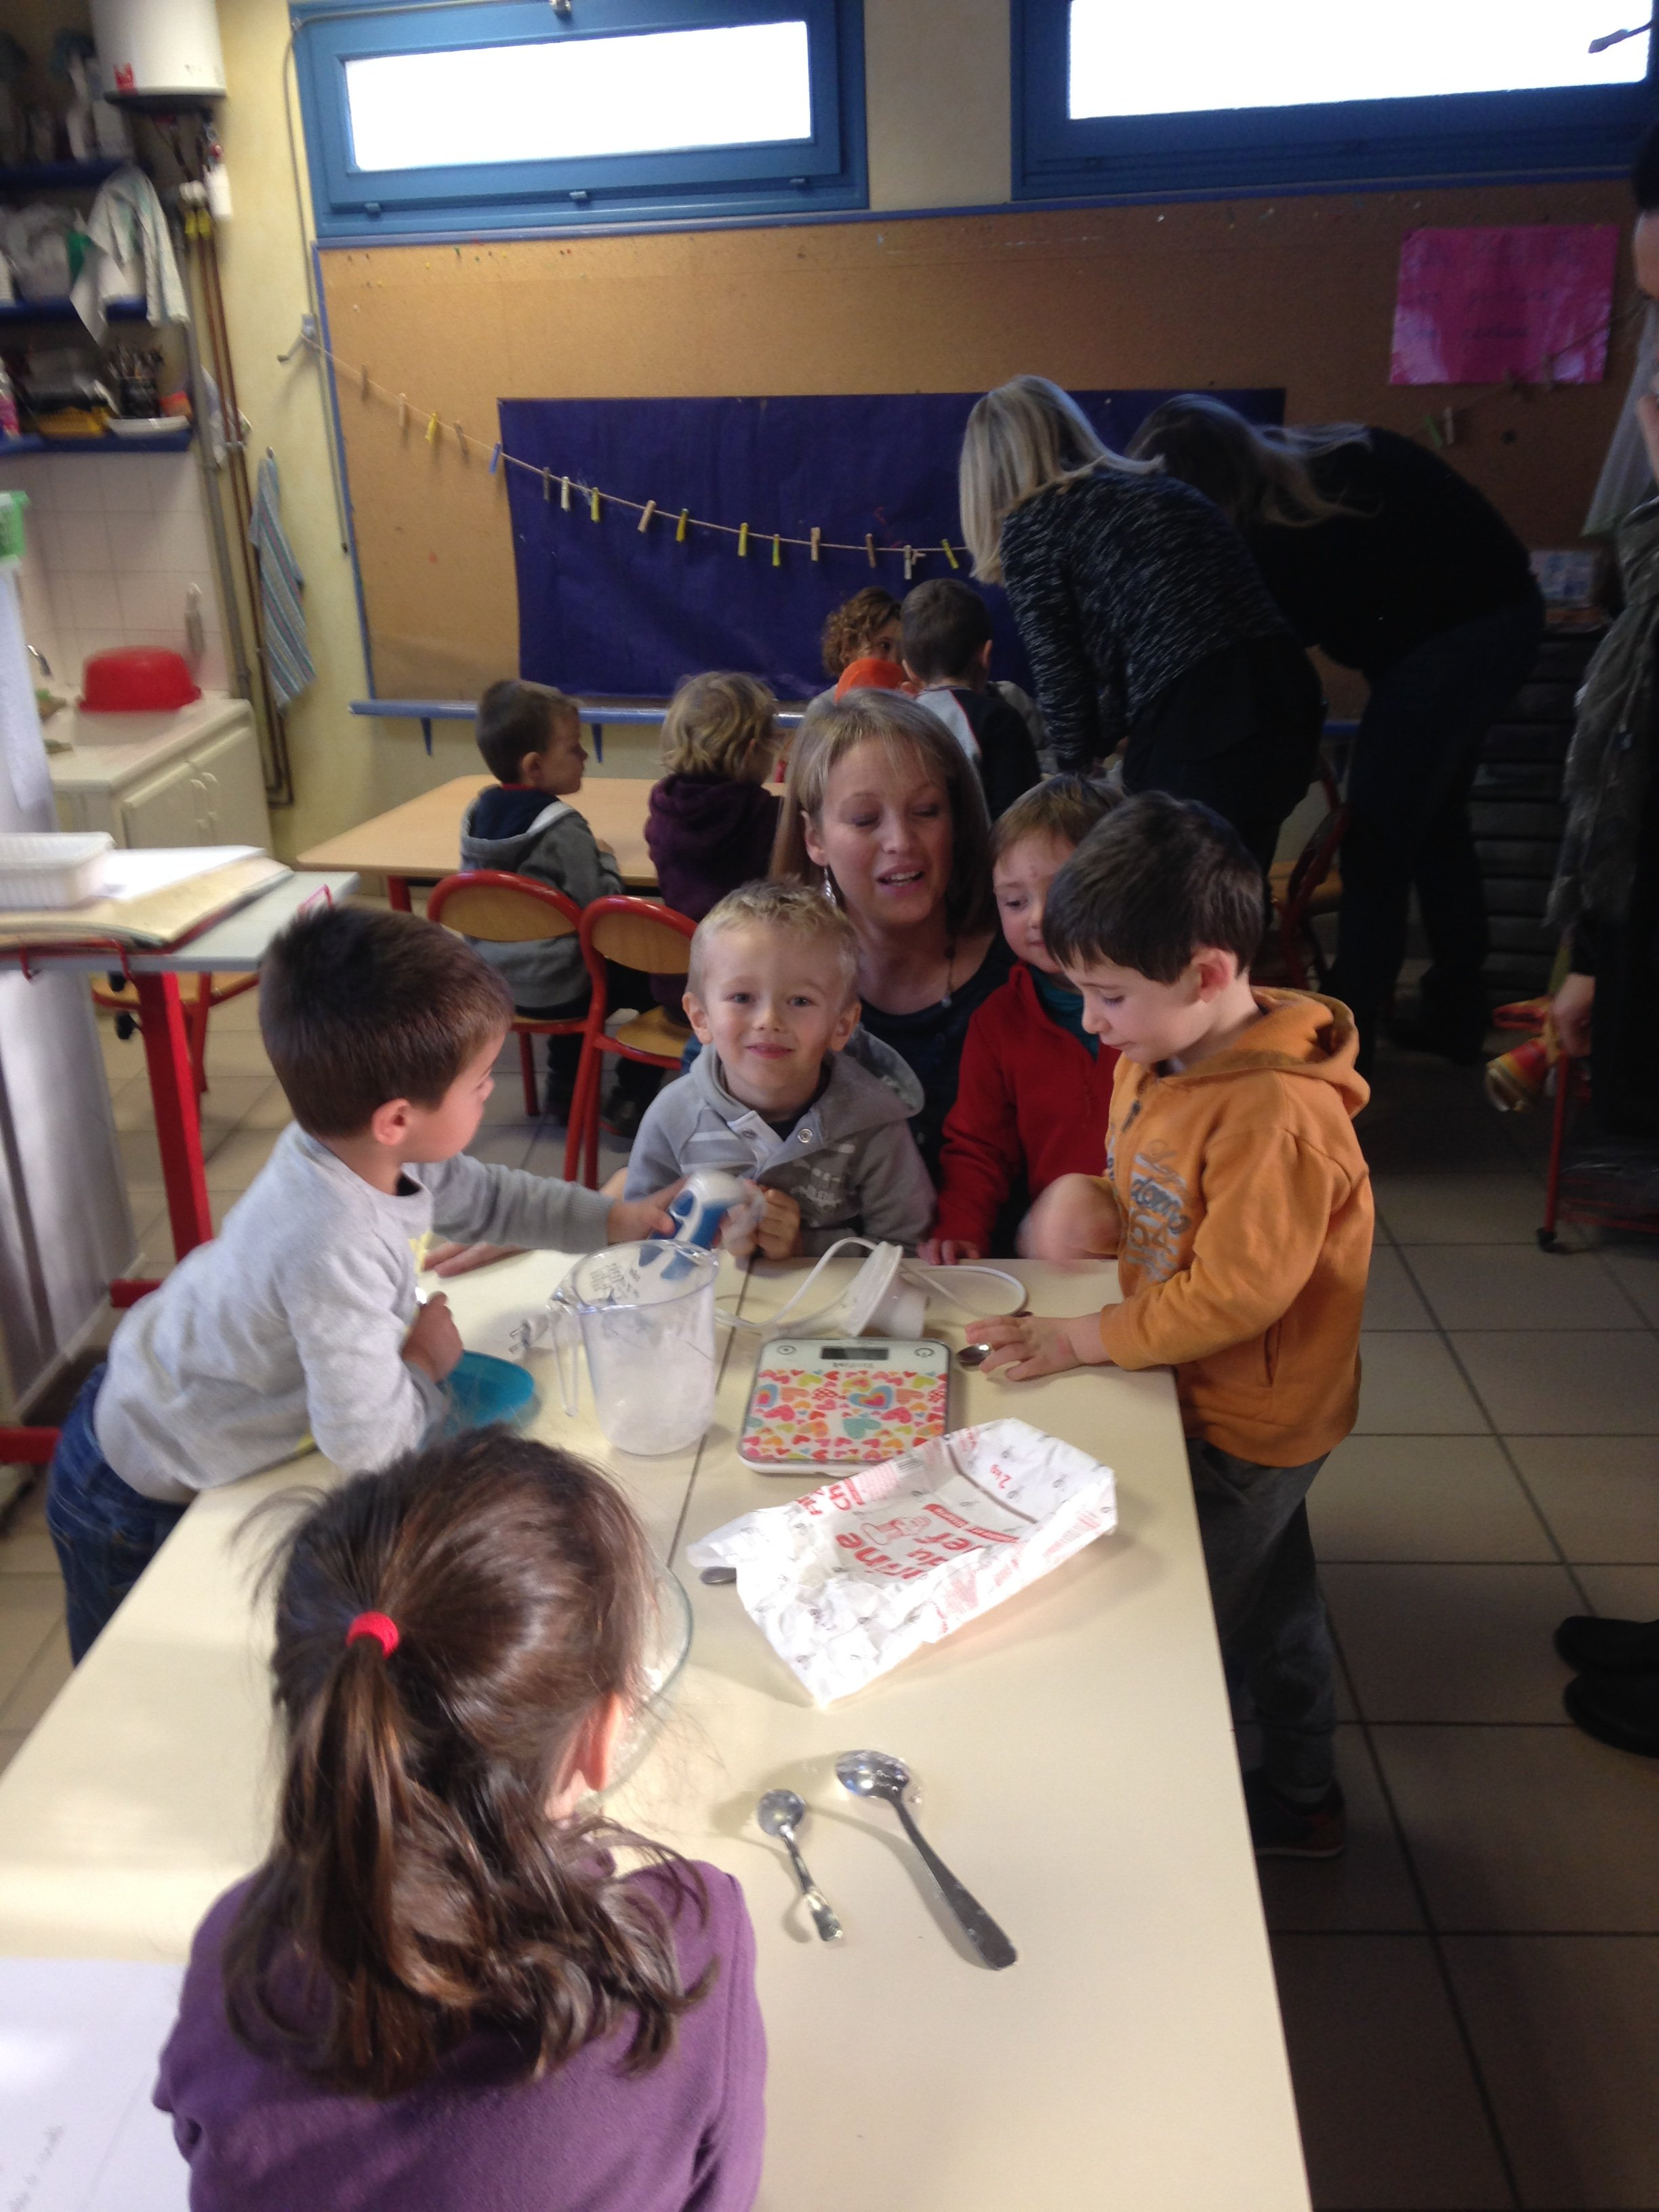 Ecole primaire publique de cour cheverny ateliers cuisine - Cours de cuisine orleans ...